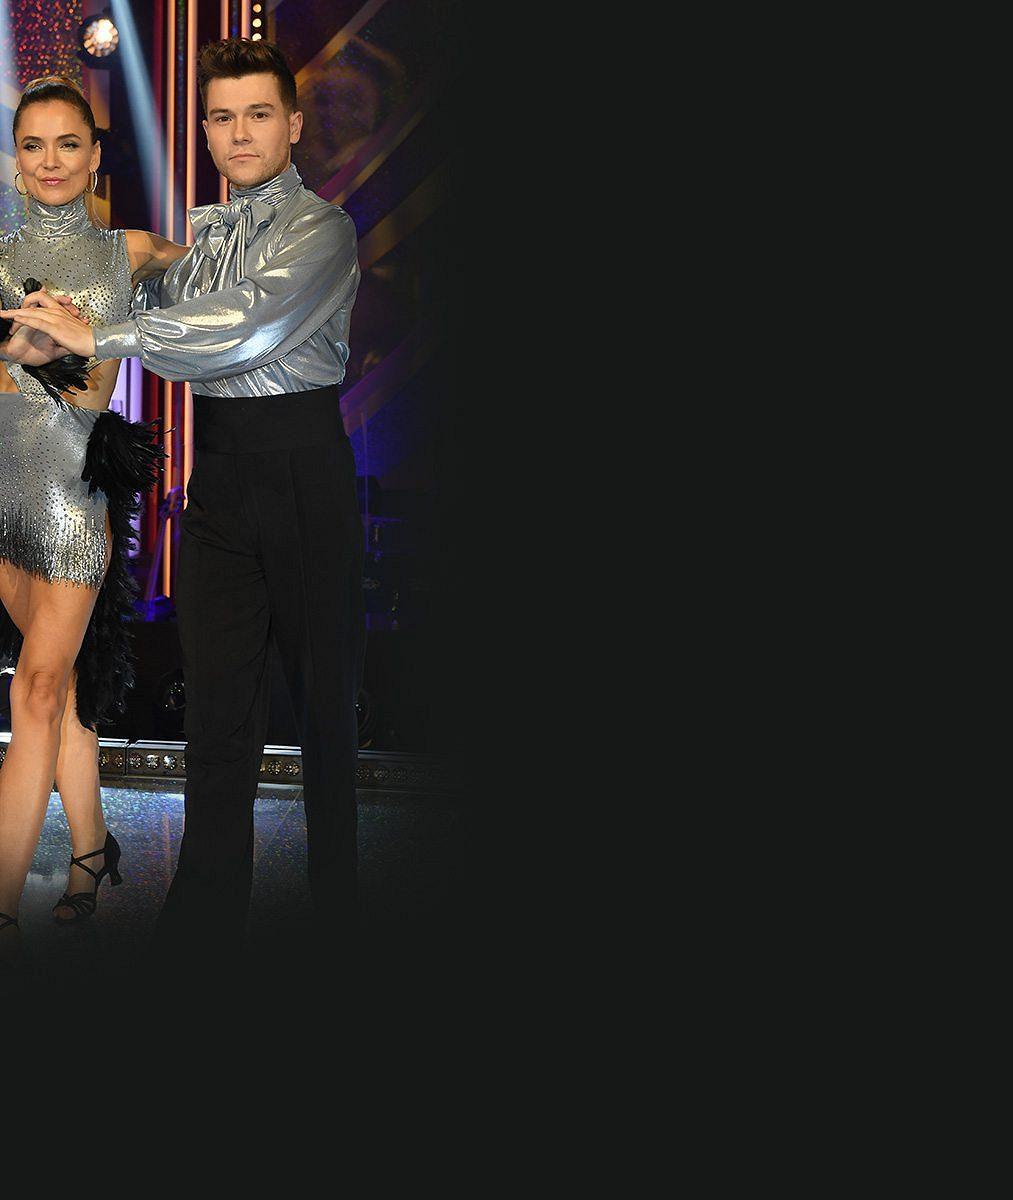 Diváci StarDance se pustili do Třeštíkové: Vadí jim neustálé něžnosti s tanečníkem. Co jim spisovatelka vzkázala?